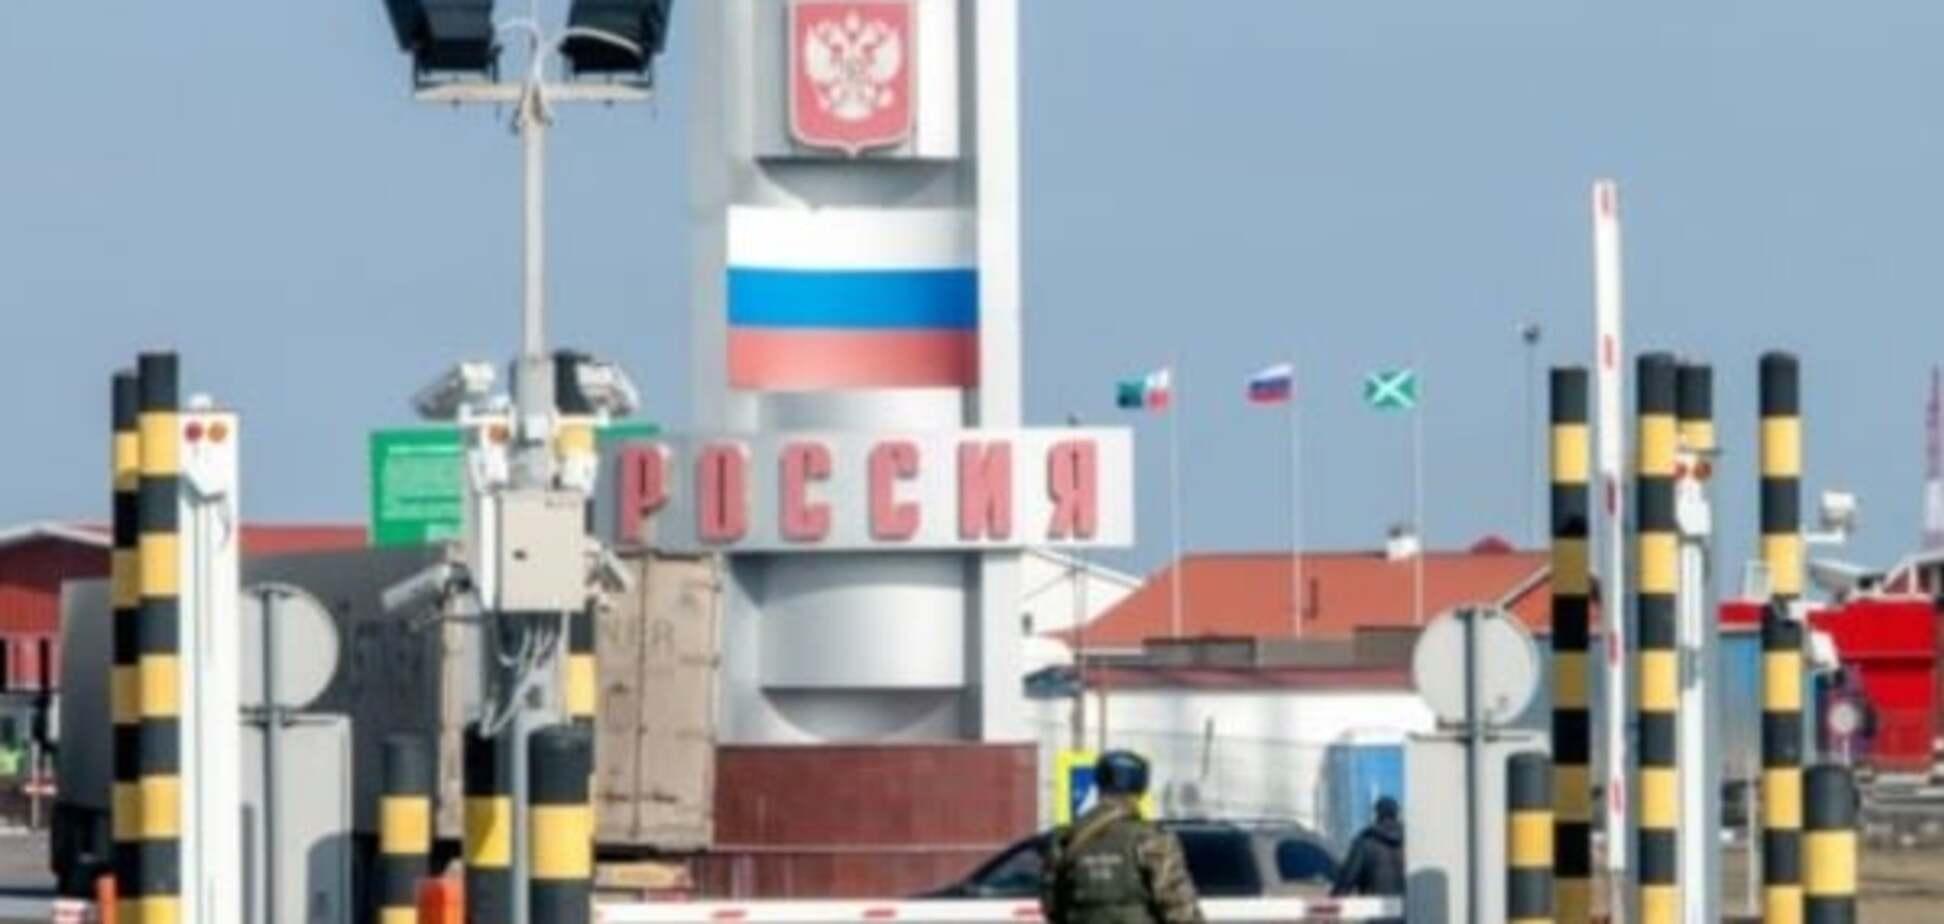 Проблеми на адмінкордоні: ФСБ має особливі вимоги до кримчан без російського паспорта